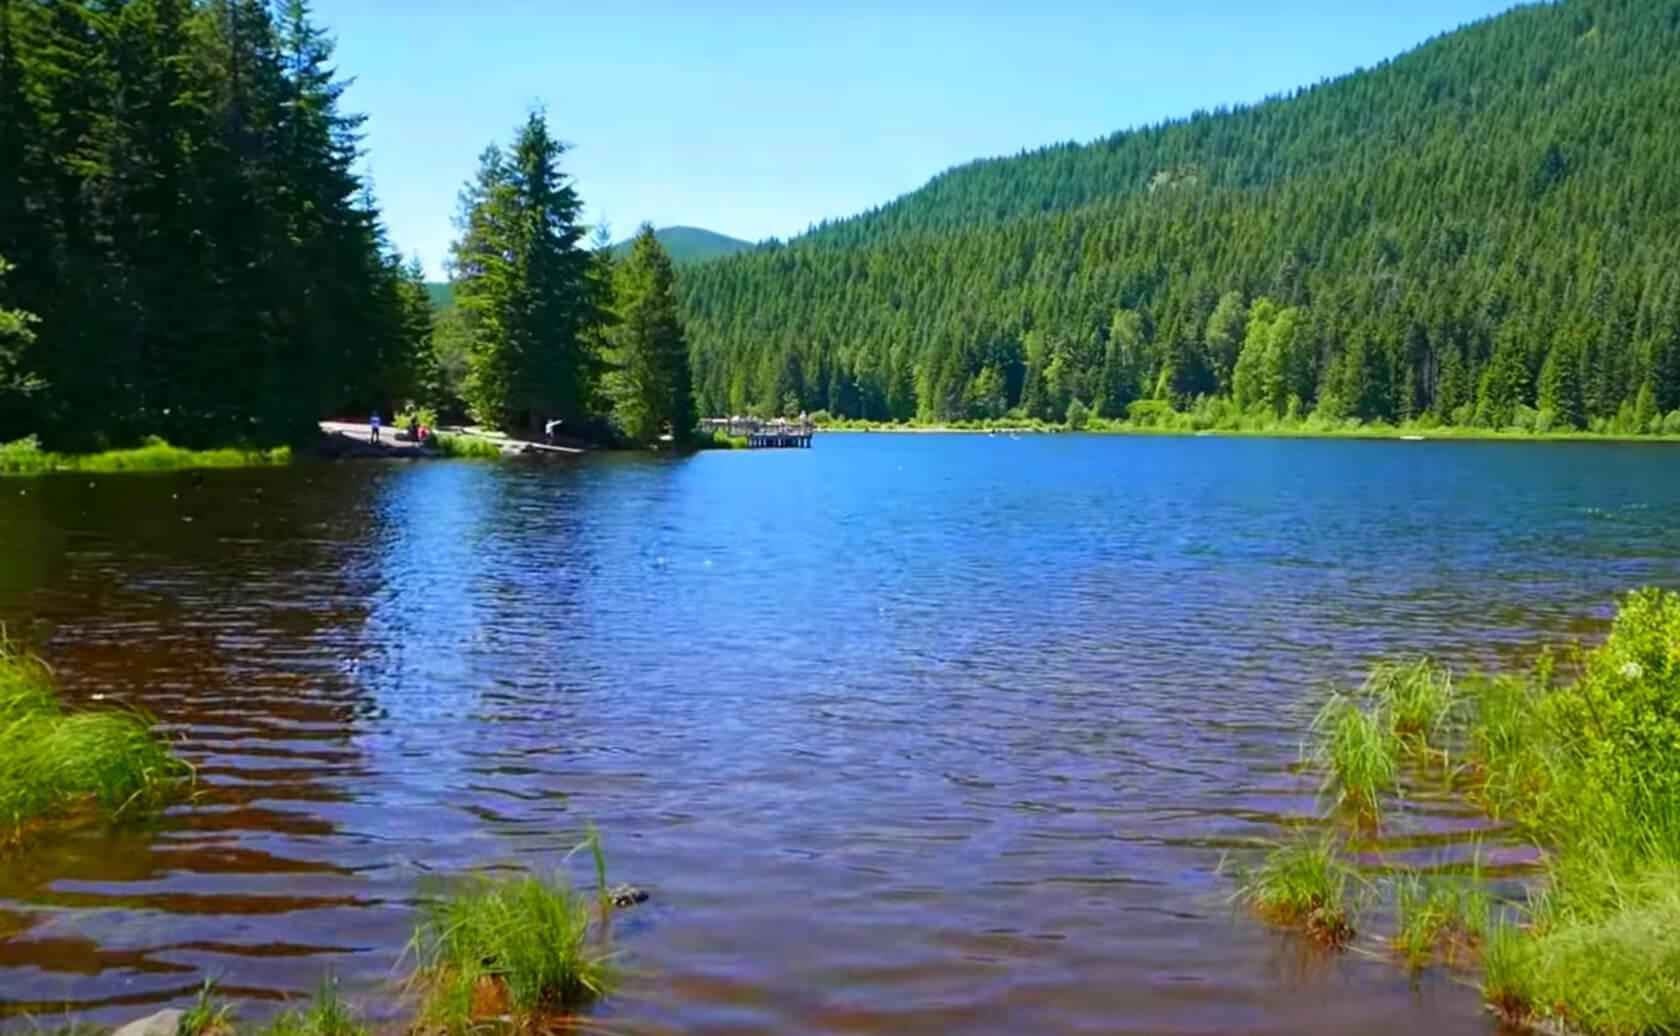 Trillium-Lake-fishing-guide-report-Oregon-01